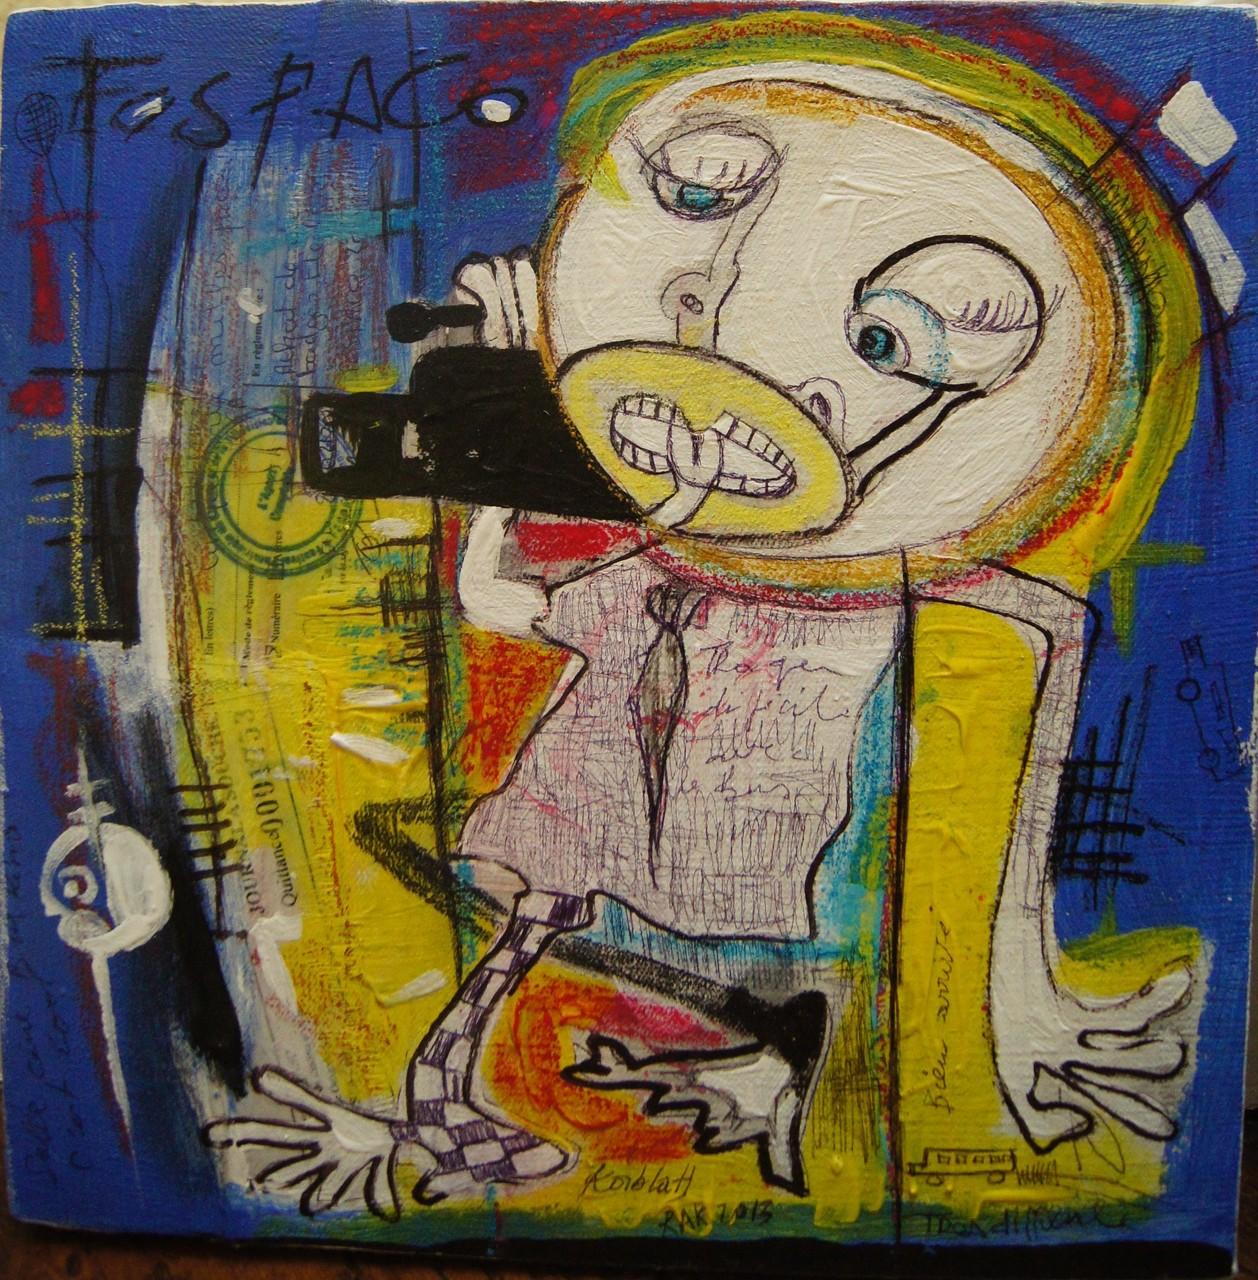 Fespaco - 2013 - 26,5 x 26,5 cm - Acrylique